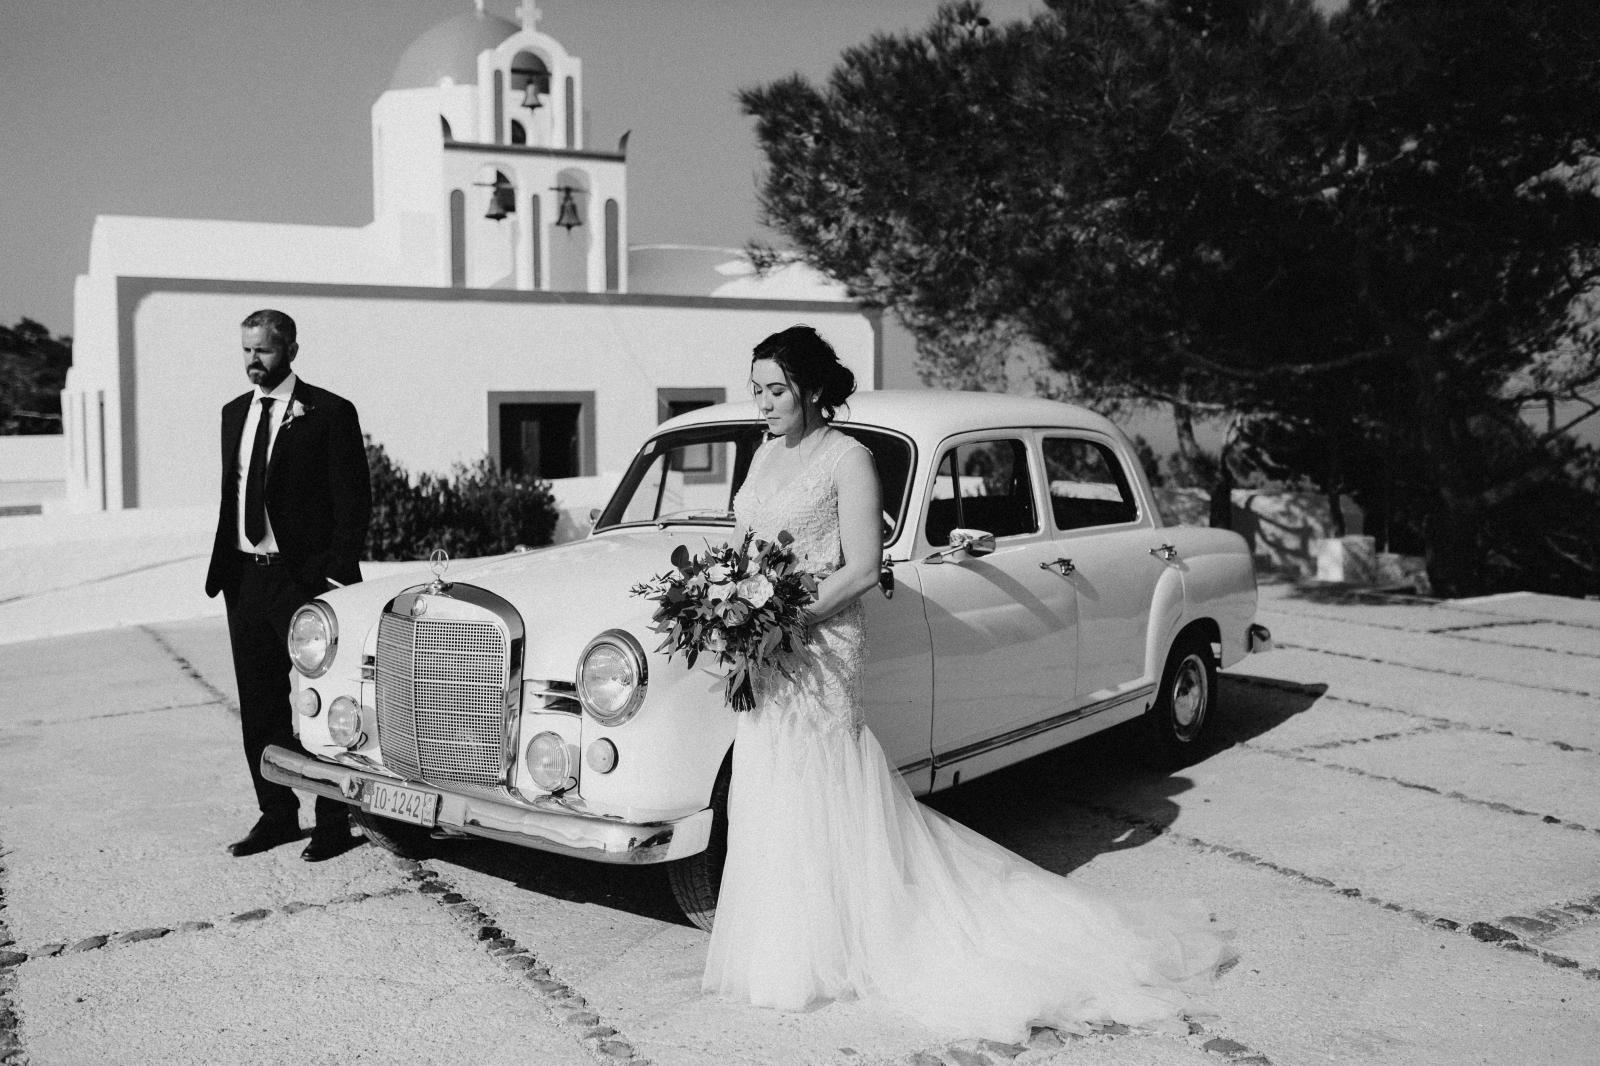 santorini-wedding-photographer31.jpg